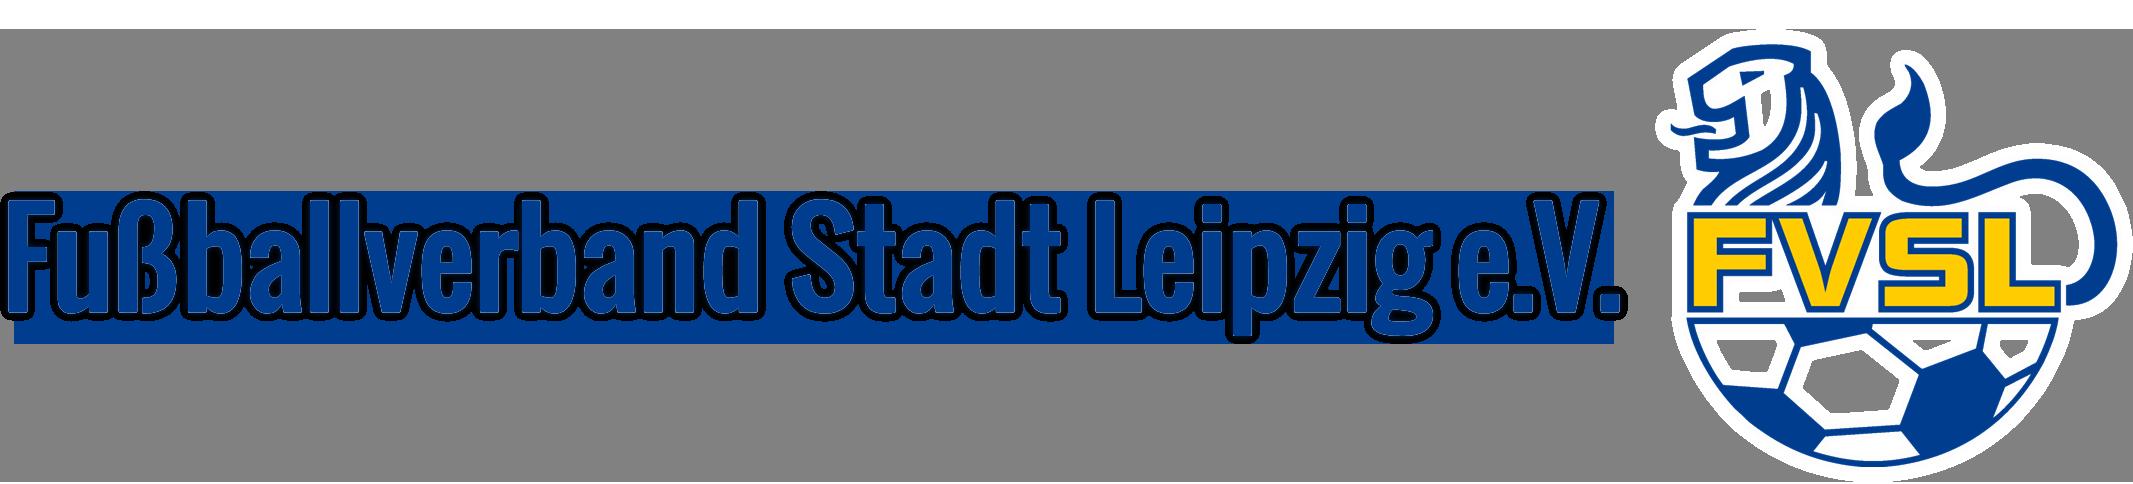 fvsl-logo-tgs-webdesign-leipzig-blau